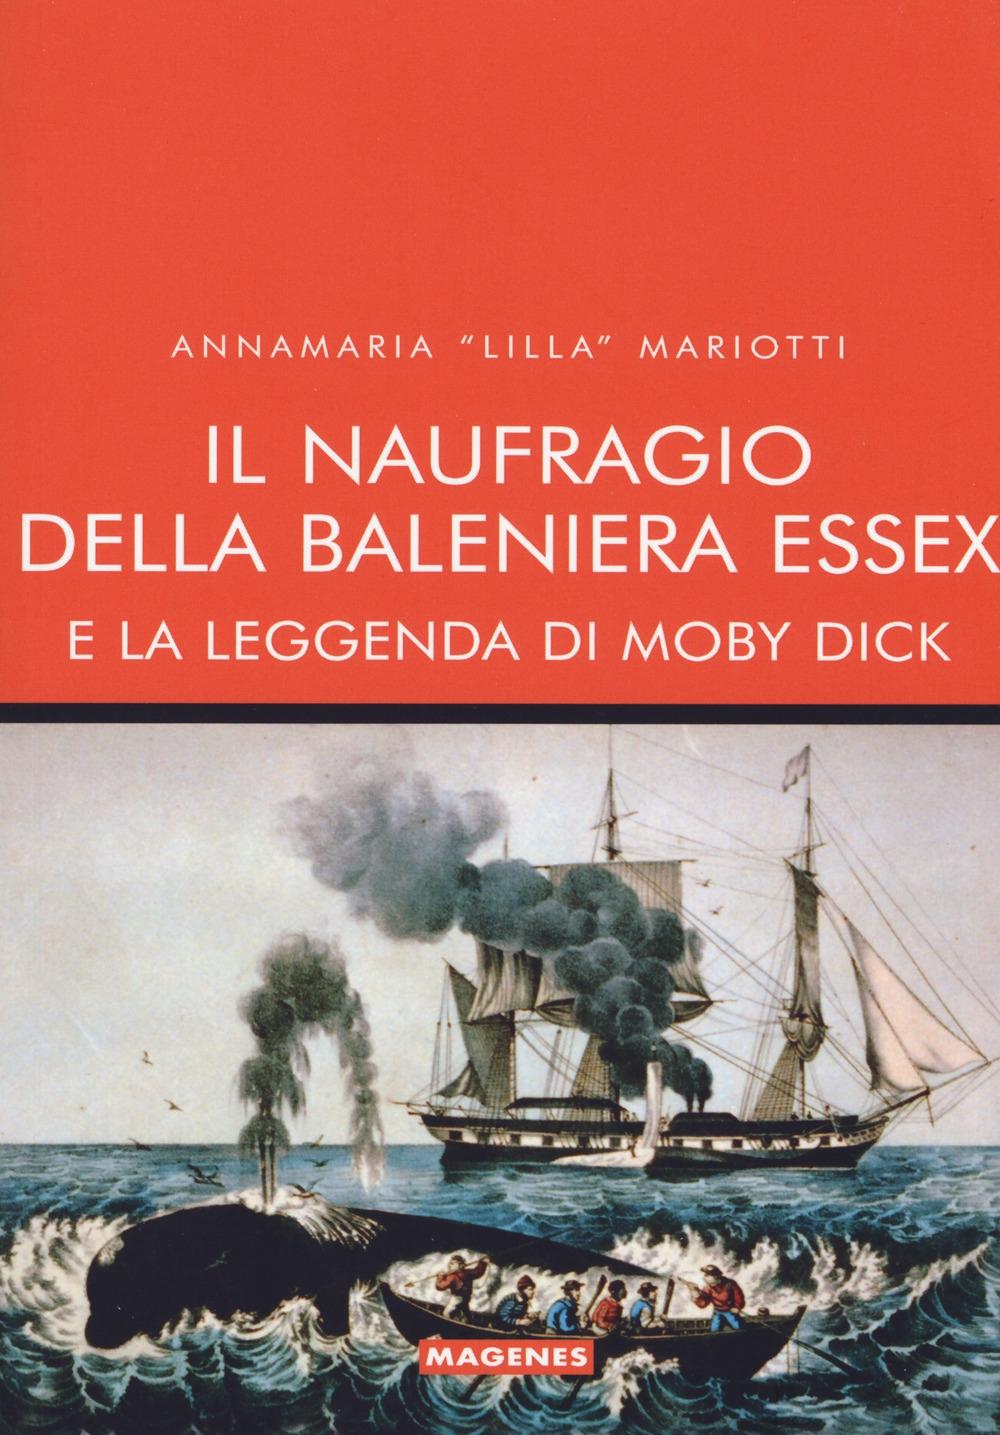 Il naufragio della baleniera Essex (quando ha vinto Moby Dick).